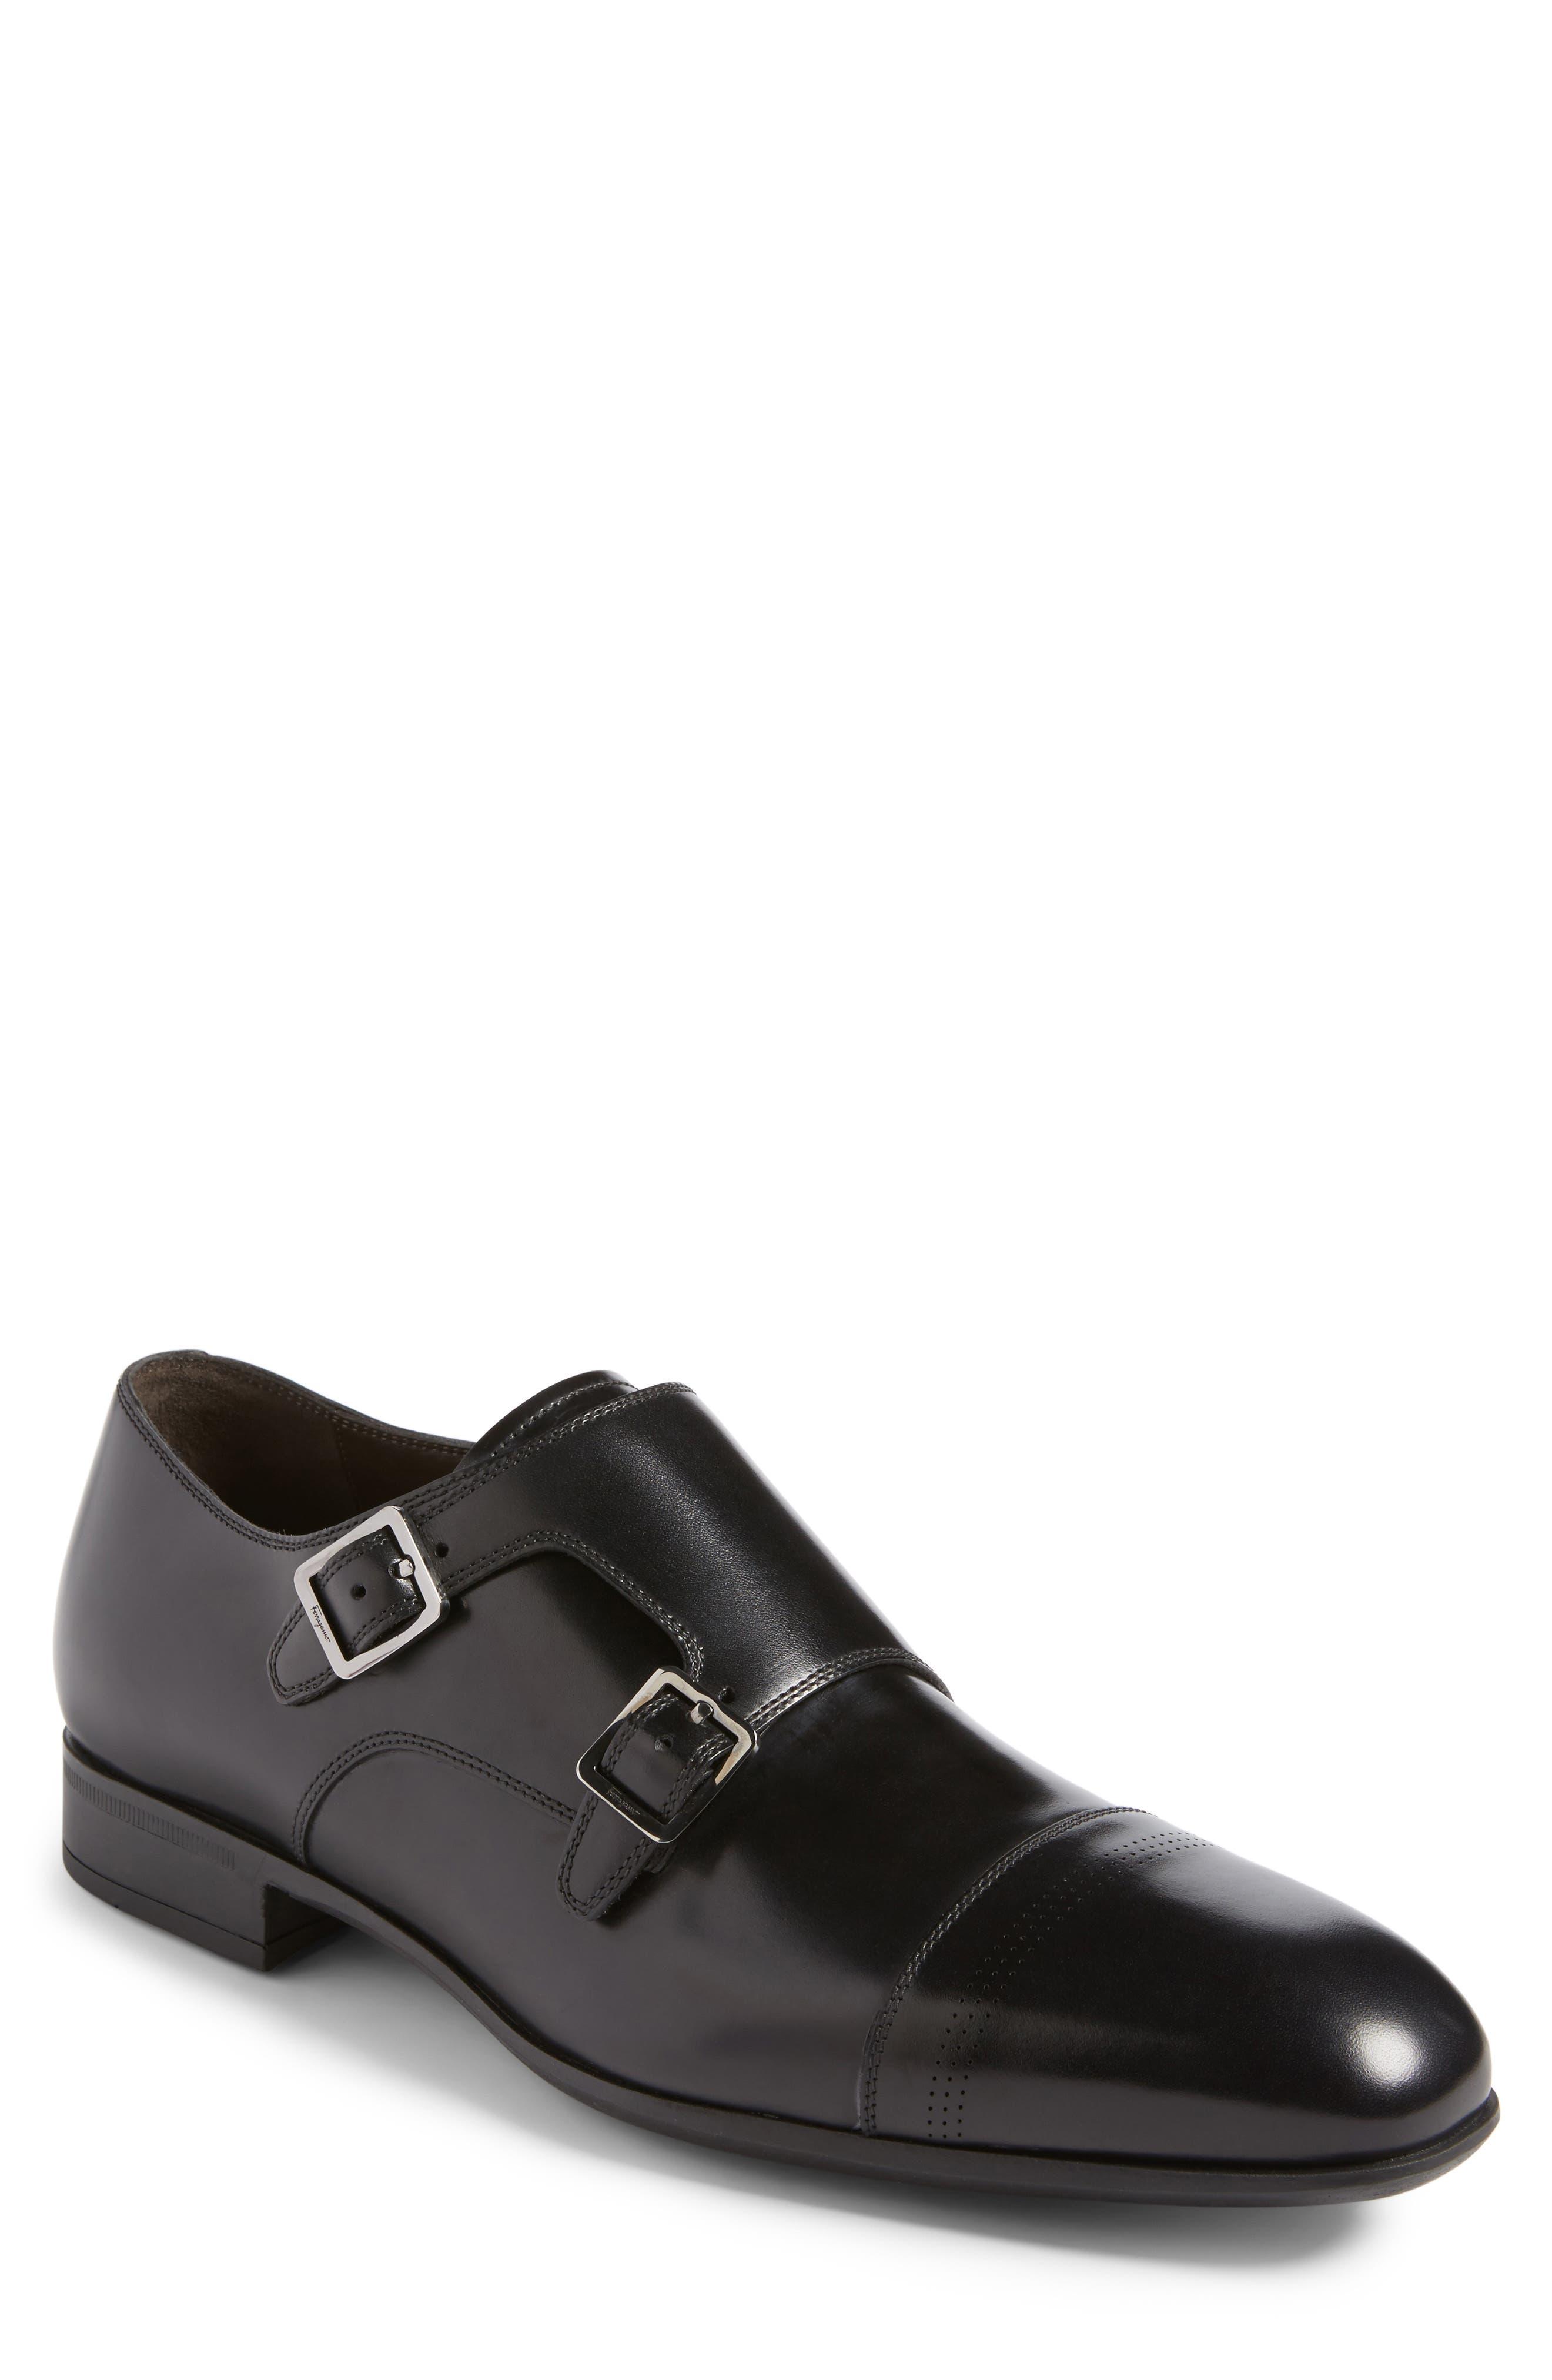 Defoe Double Monk Strap Shoe,                         Main,                         color, 001